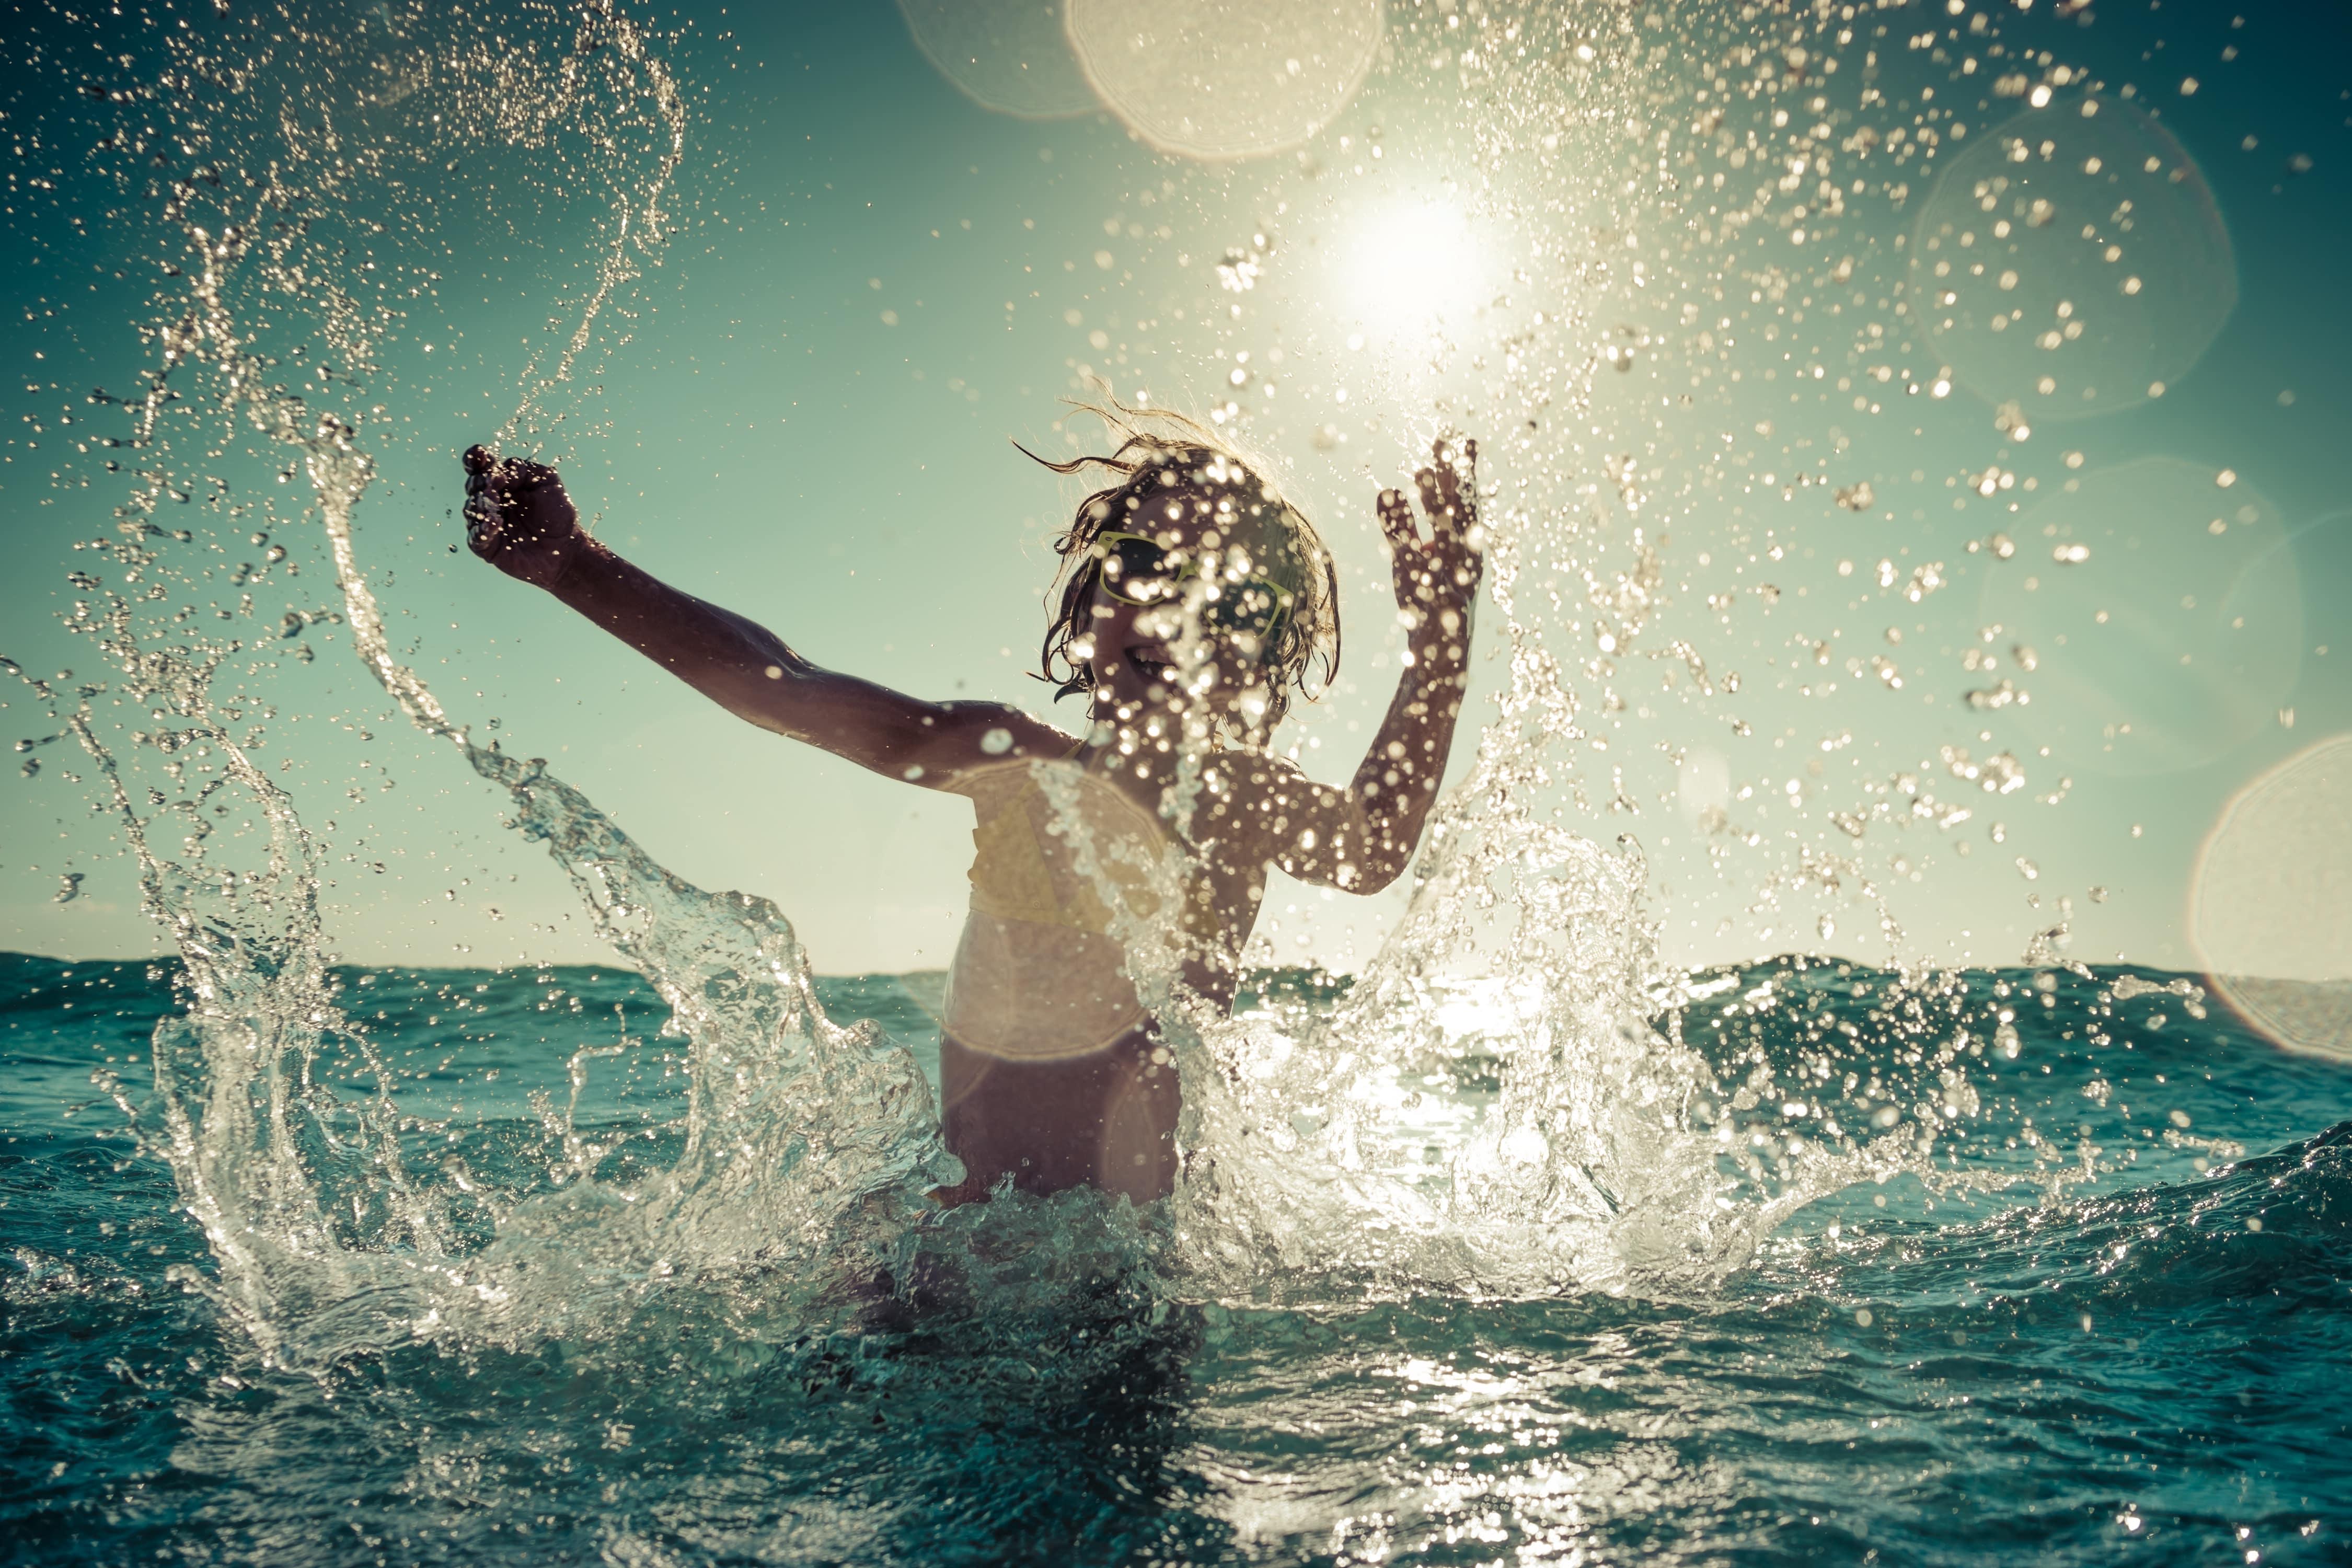 visuel représentant une baignade d'enfant